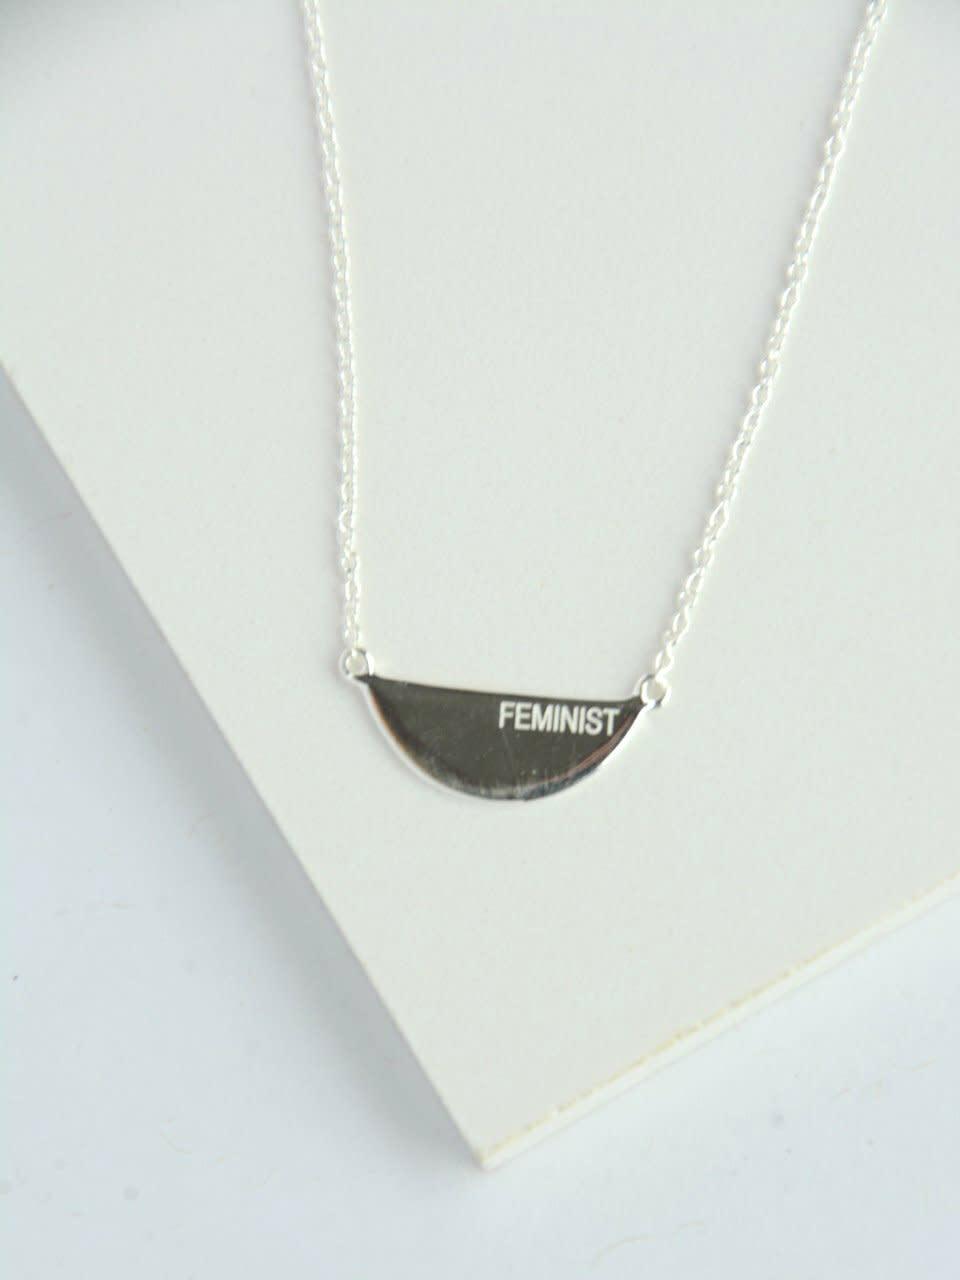 Fair Anita Fair Feminist Necklace- Sterling Silver